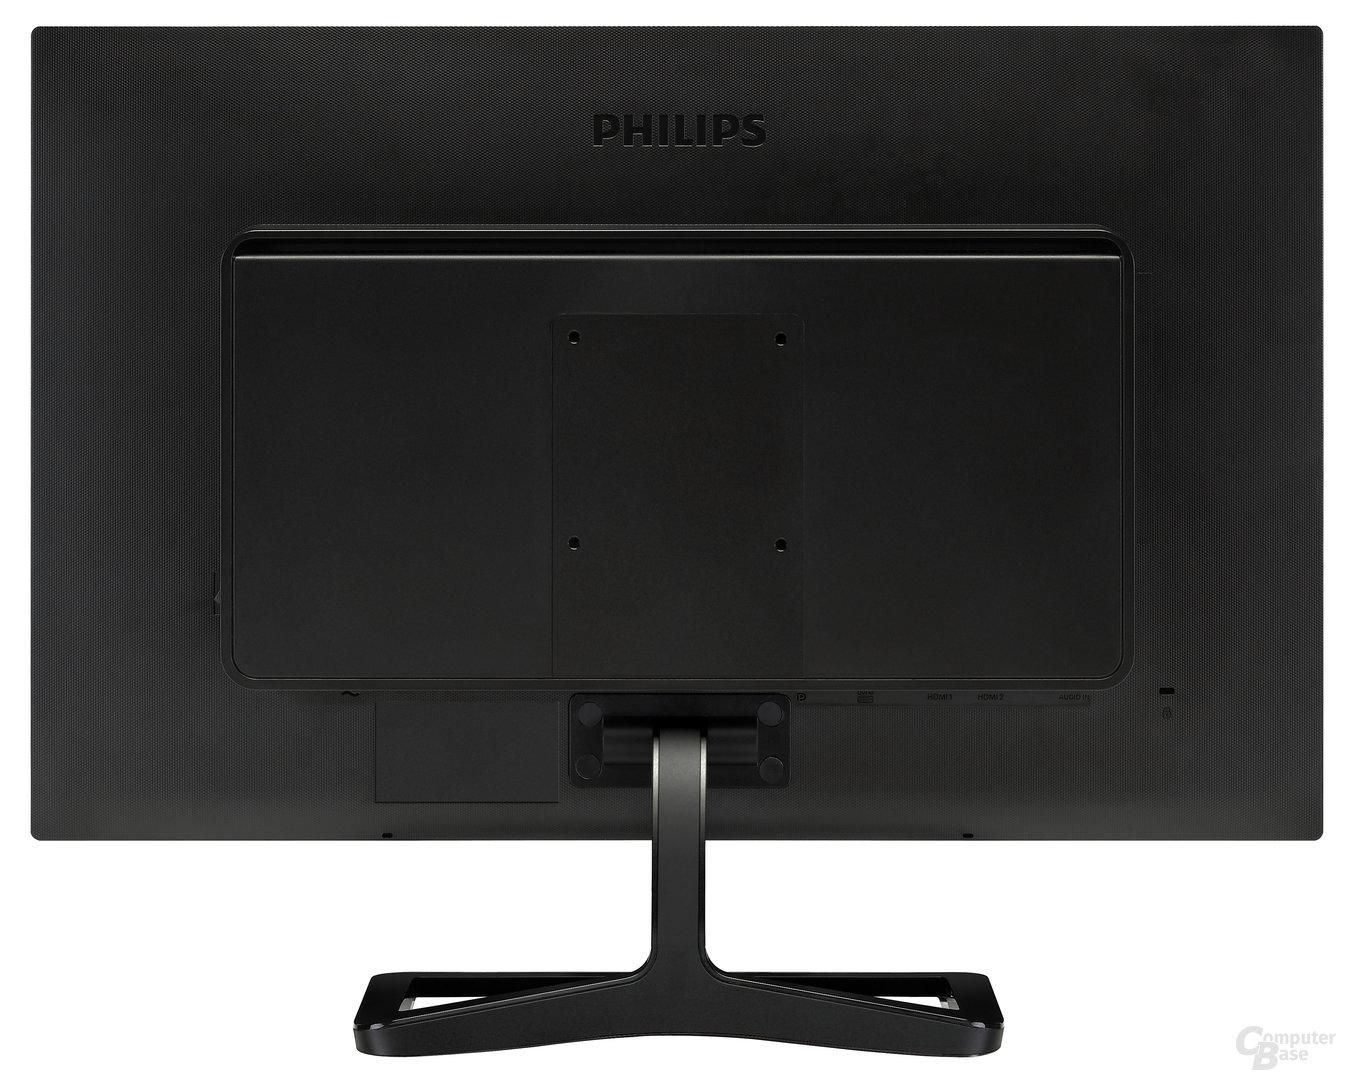 Philips 272C4QPJKAB